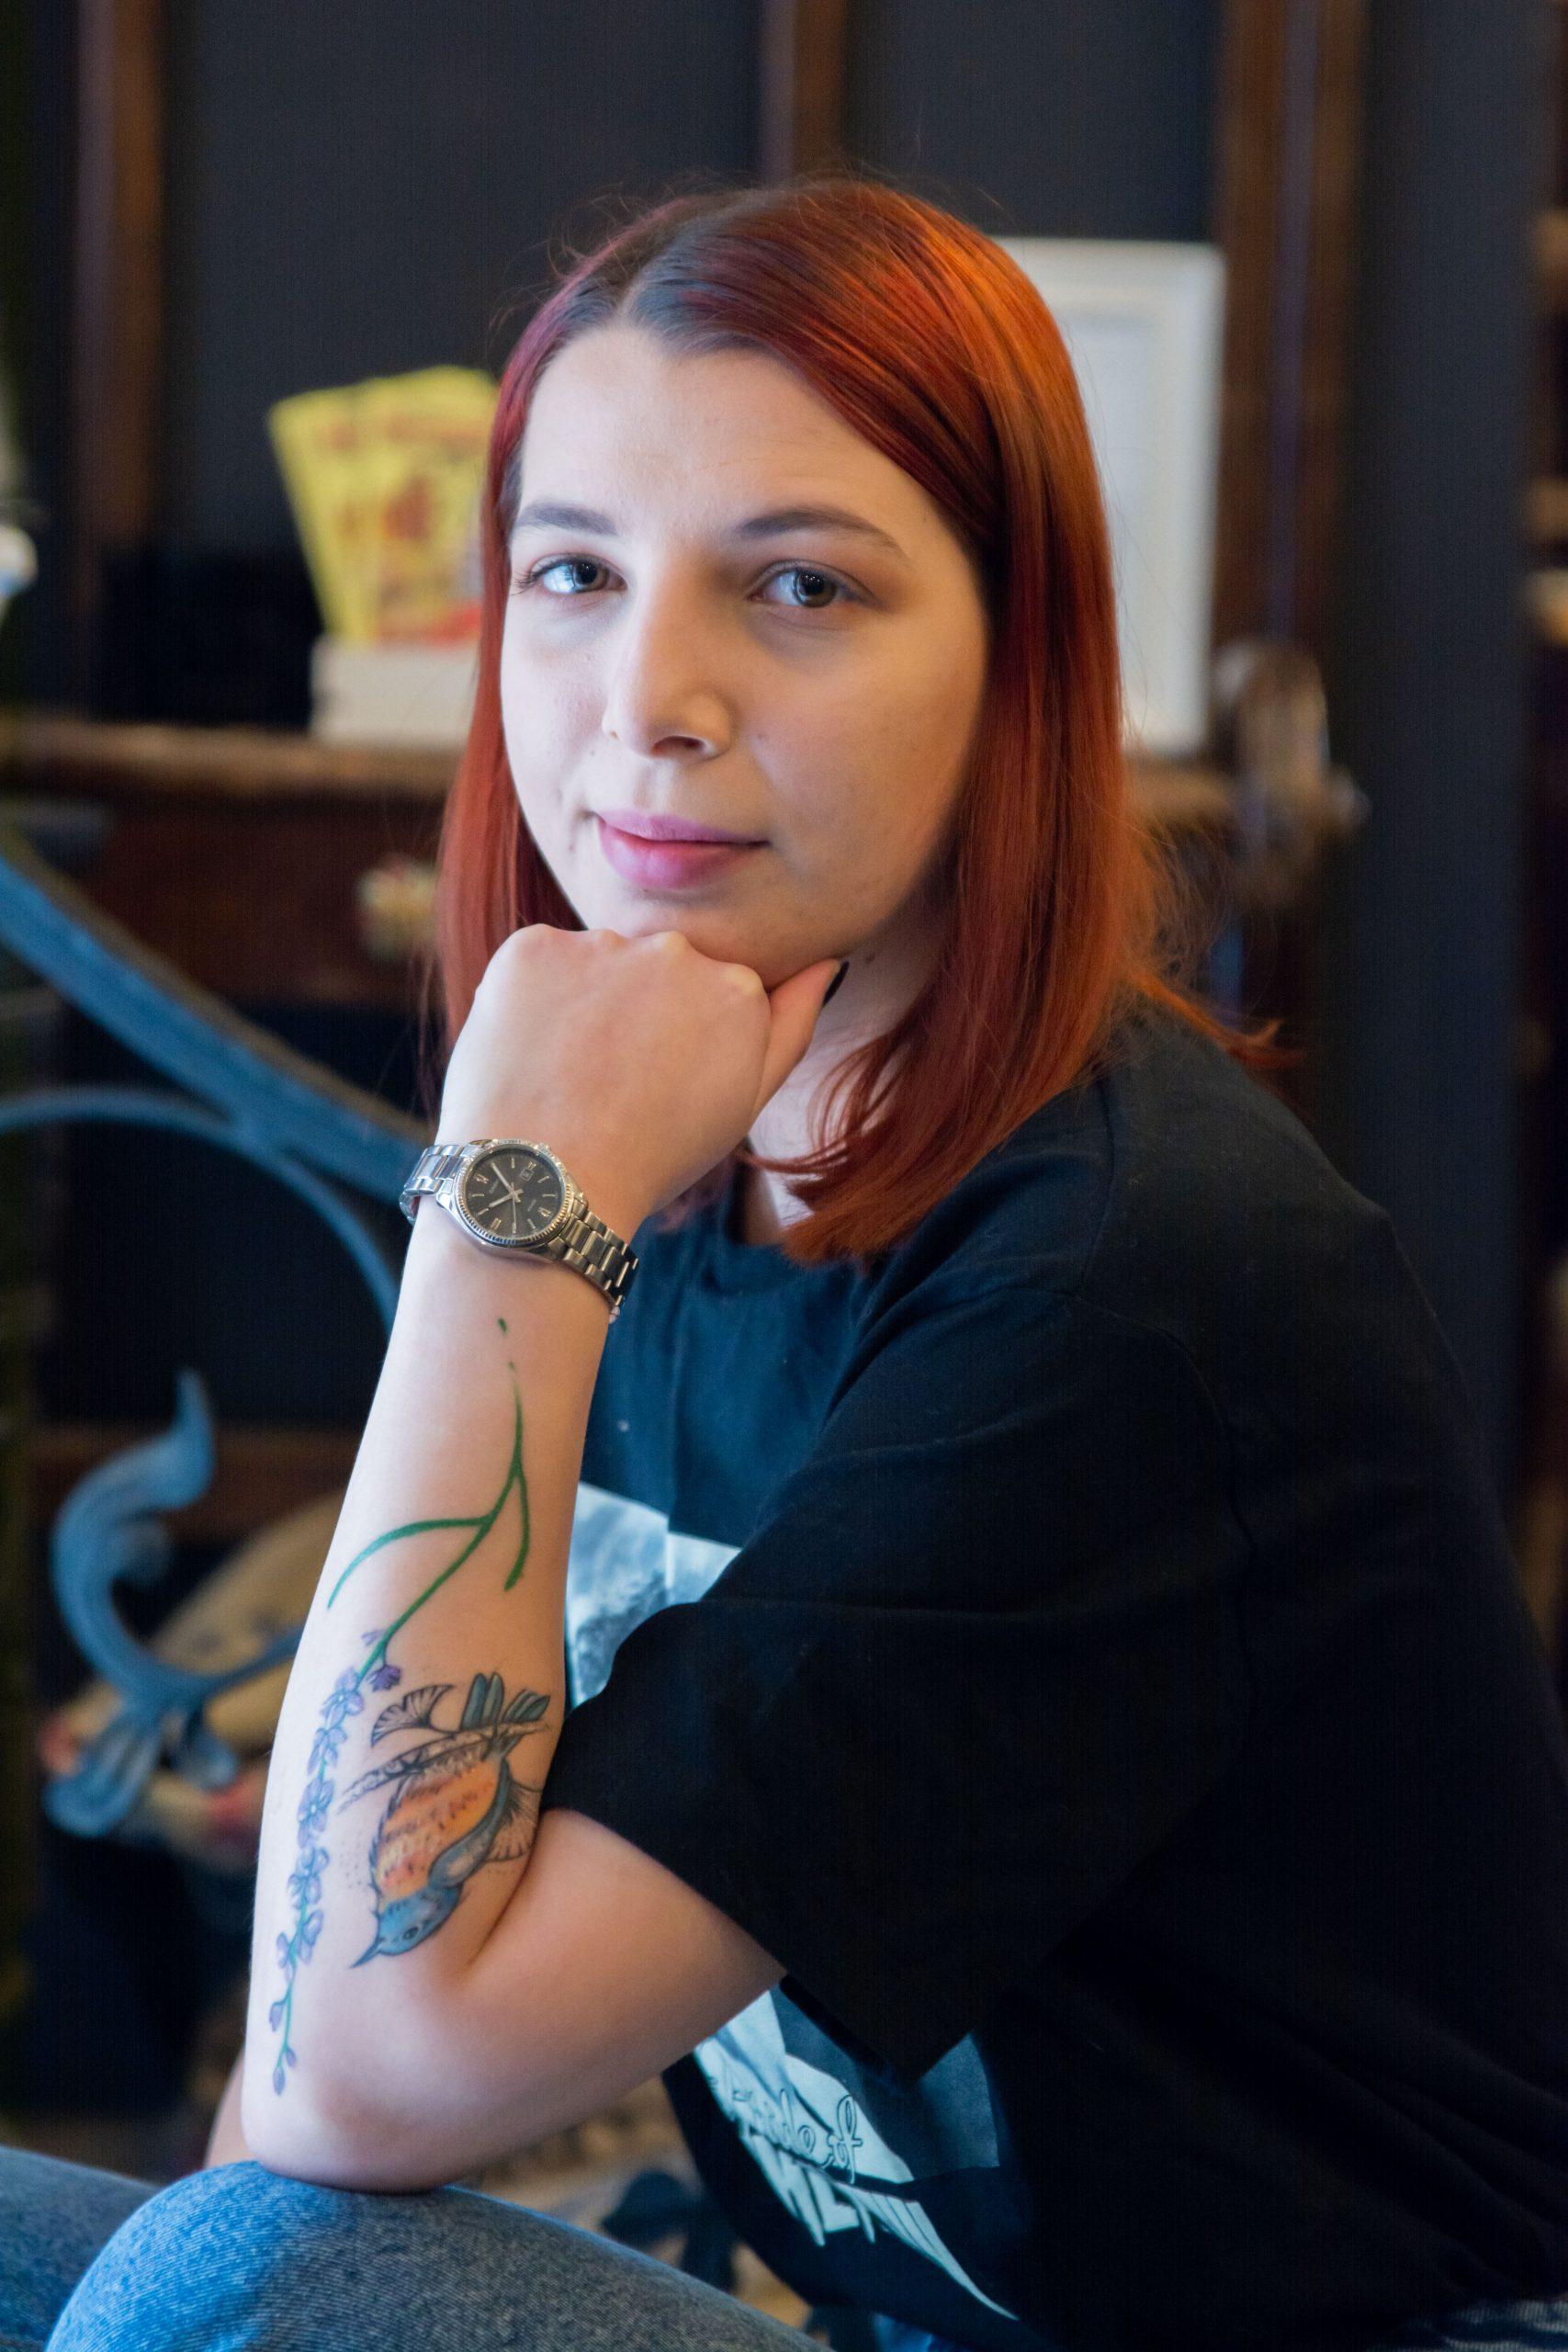 bluebird Bukowski proiect fotografii tatuaje portret de femeie cu tatuaje